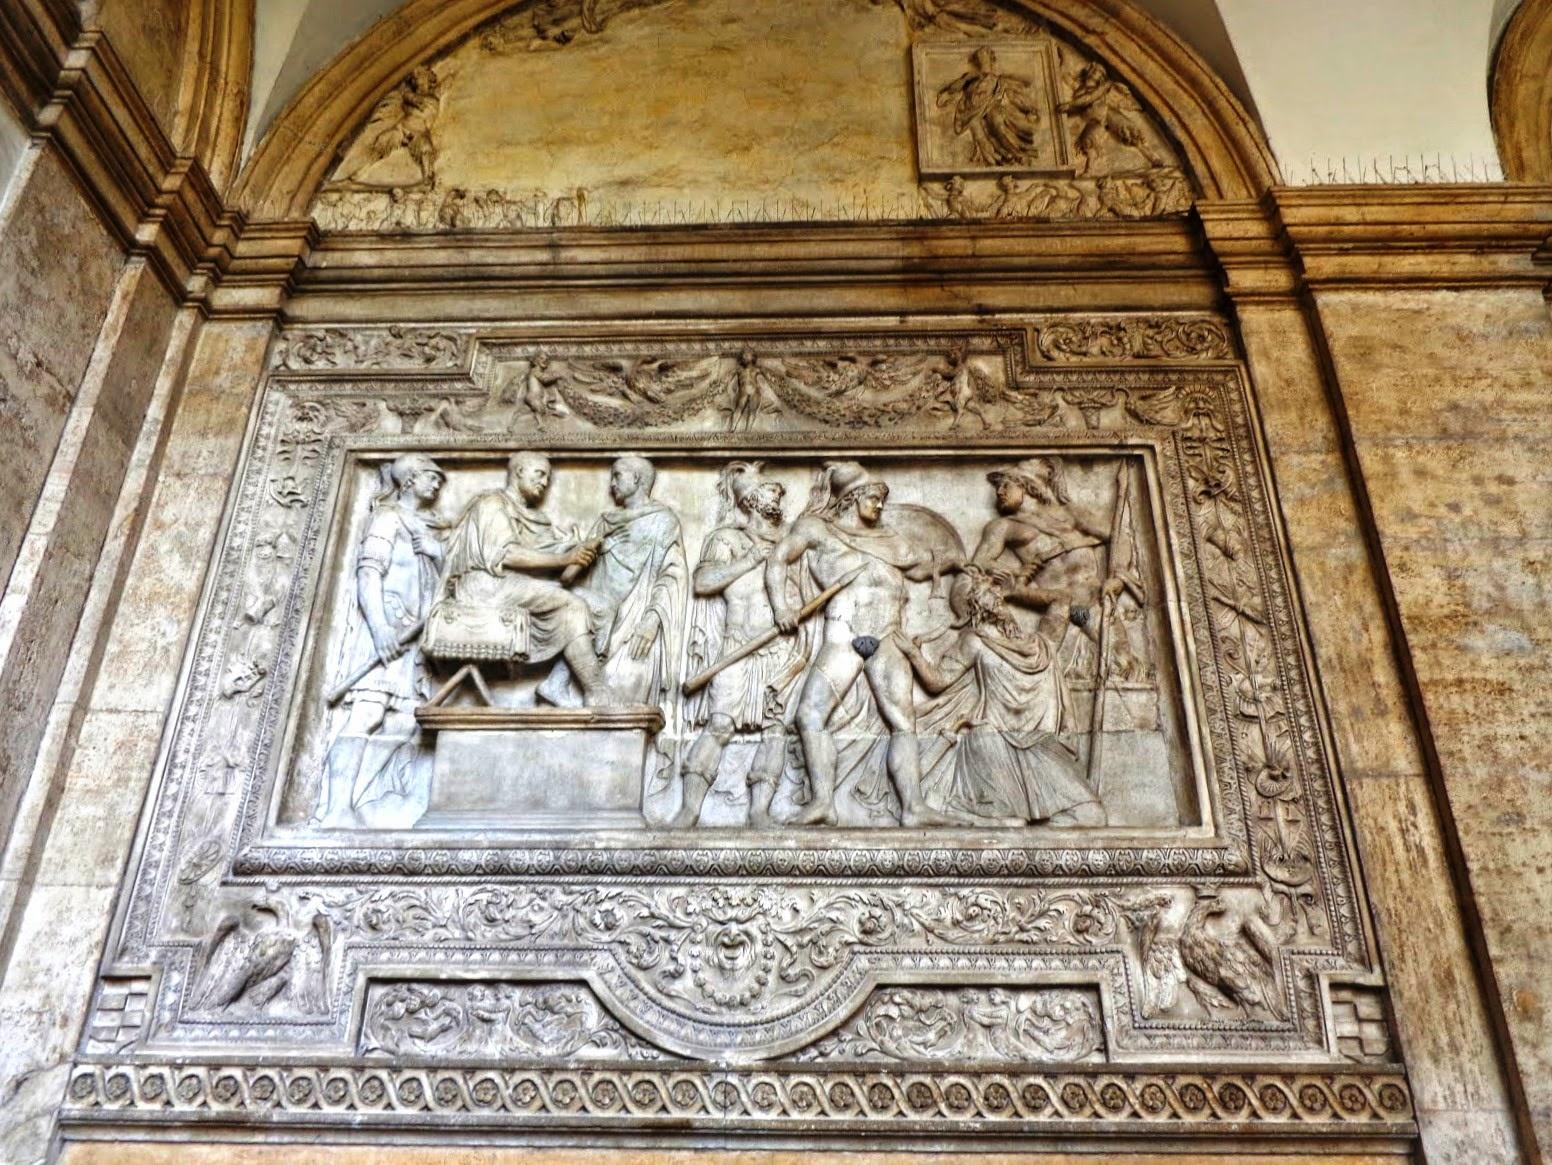 A morte de Príamo, rei de Tróia, narrada na Ilíada, de Homero.